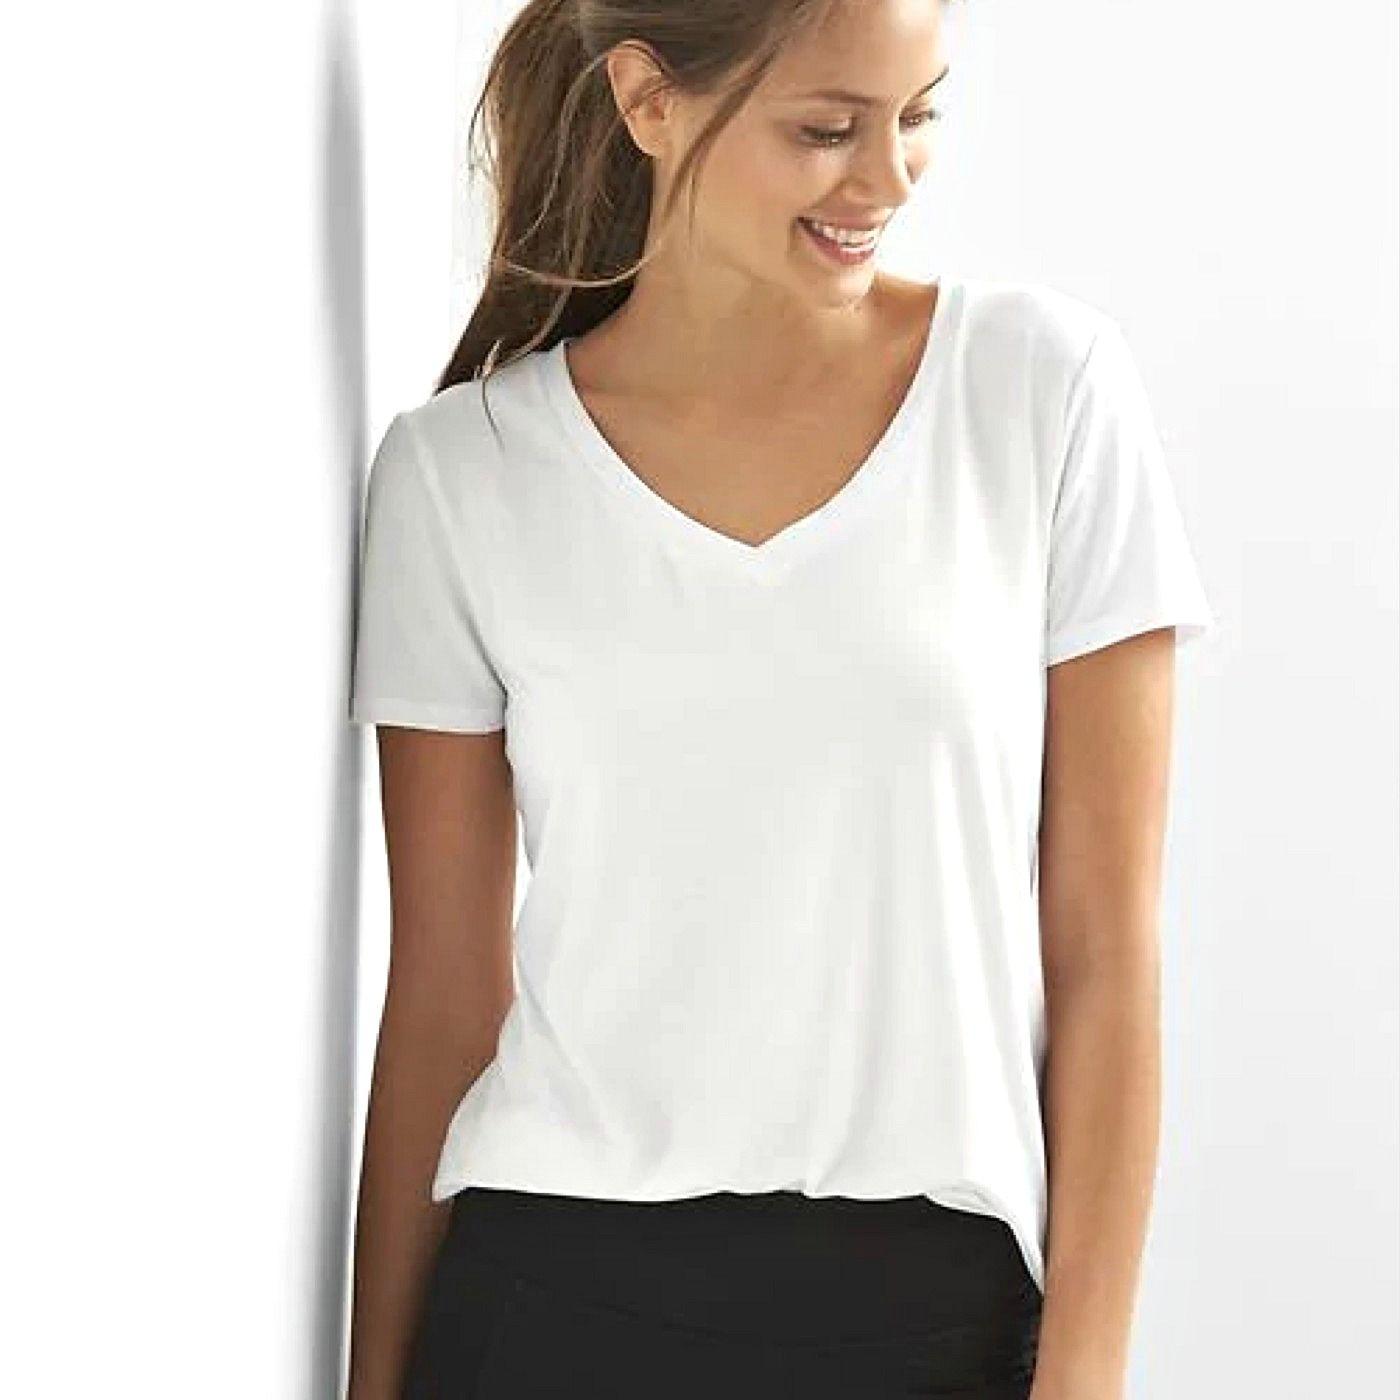 Casual shirt women, Shirts for leggings